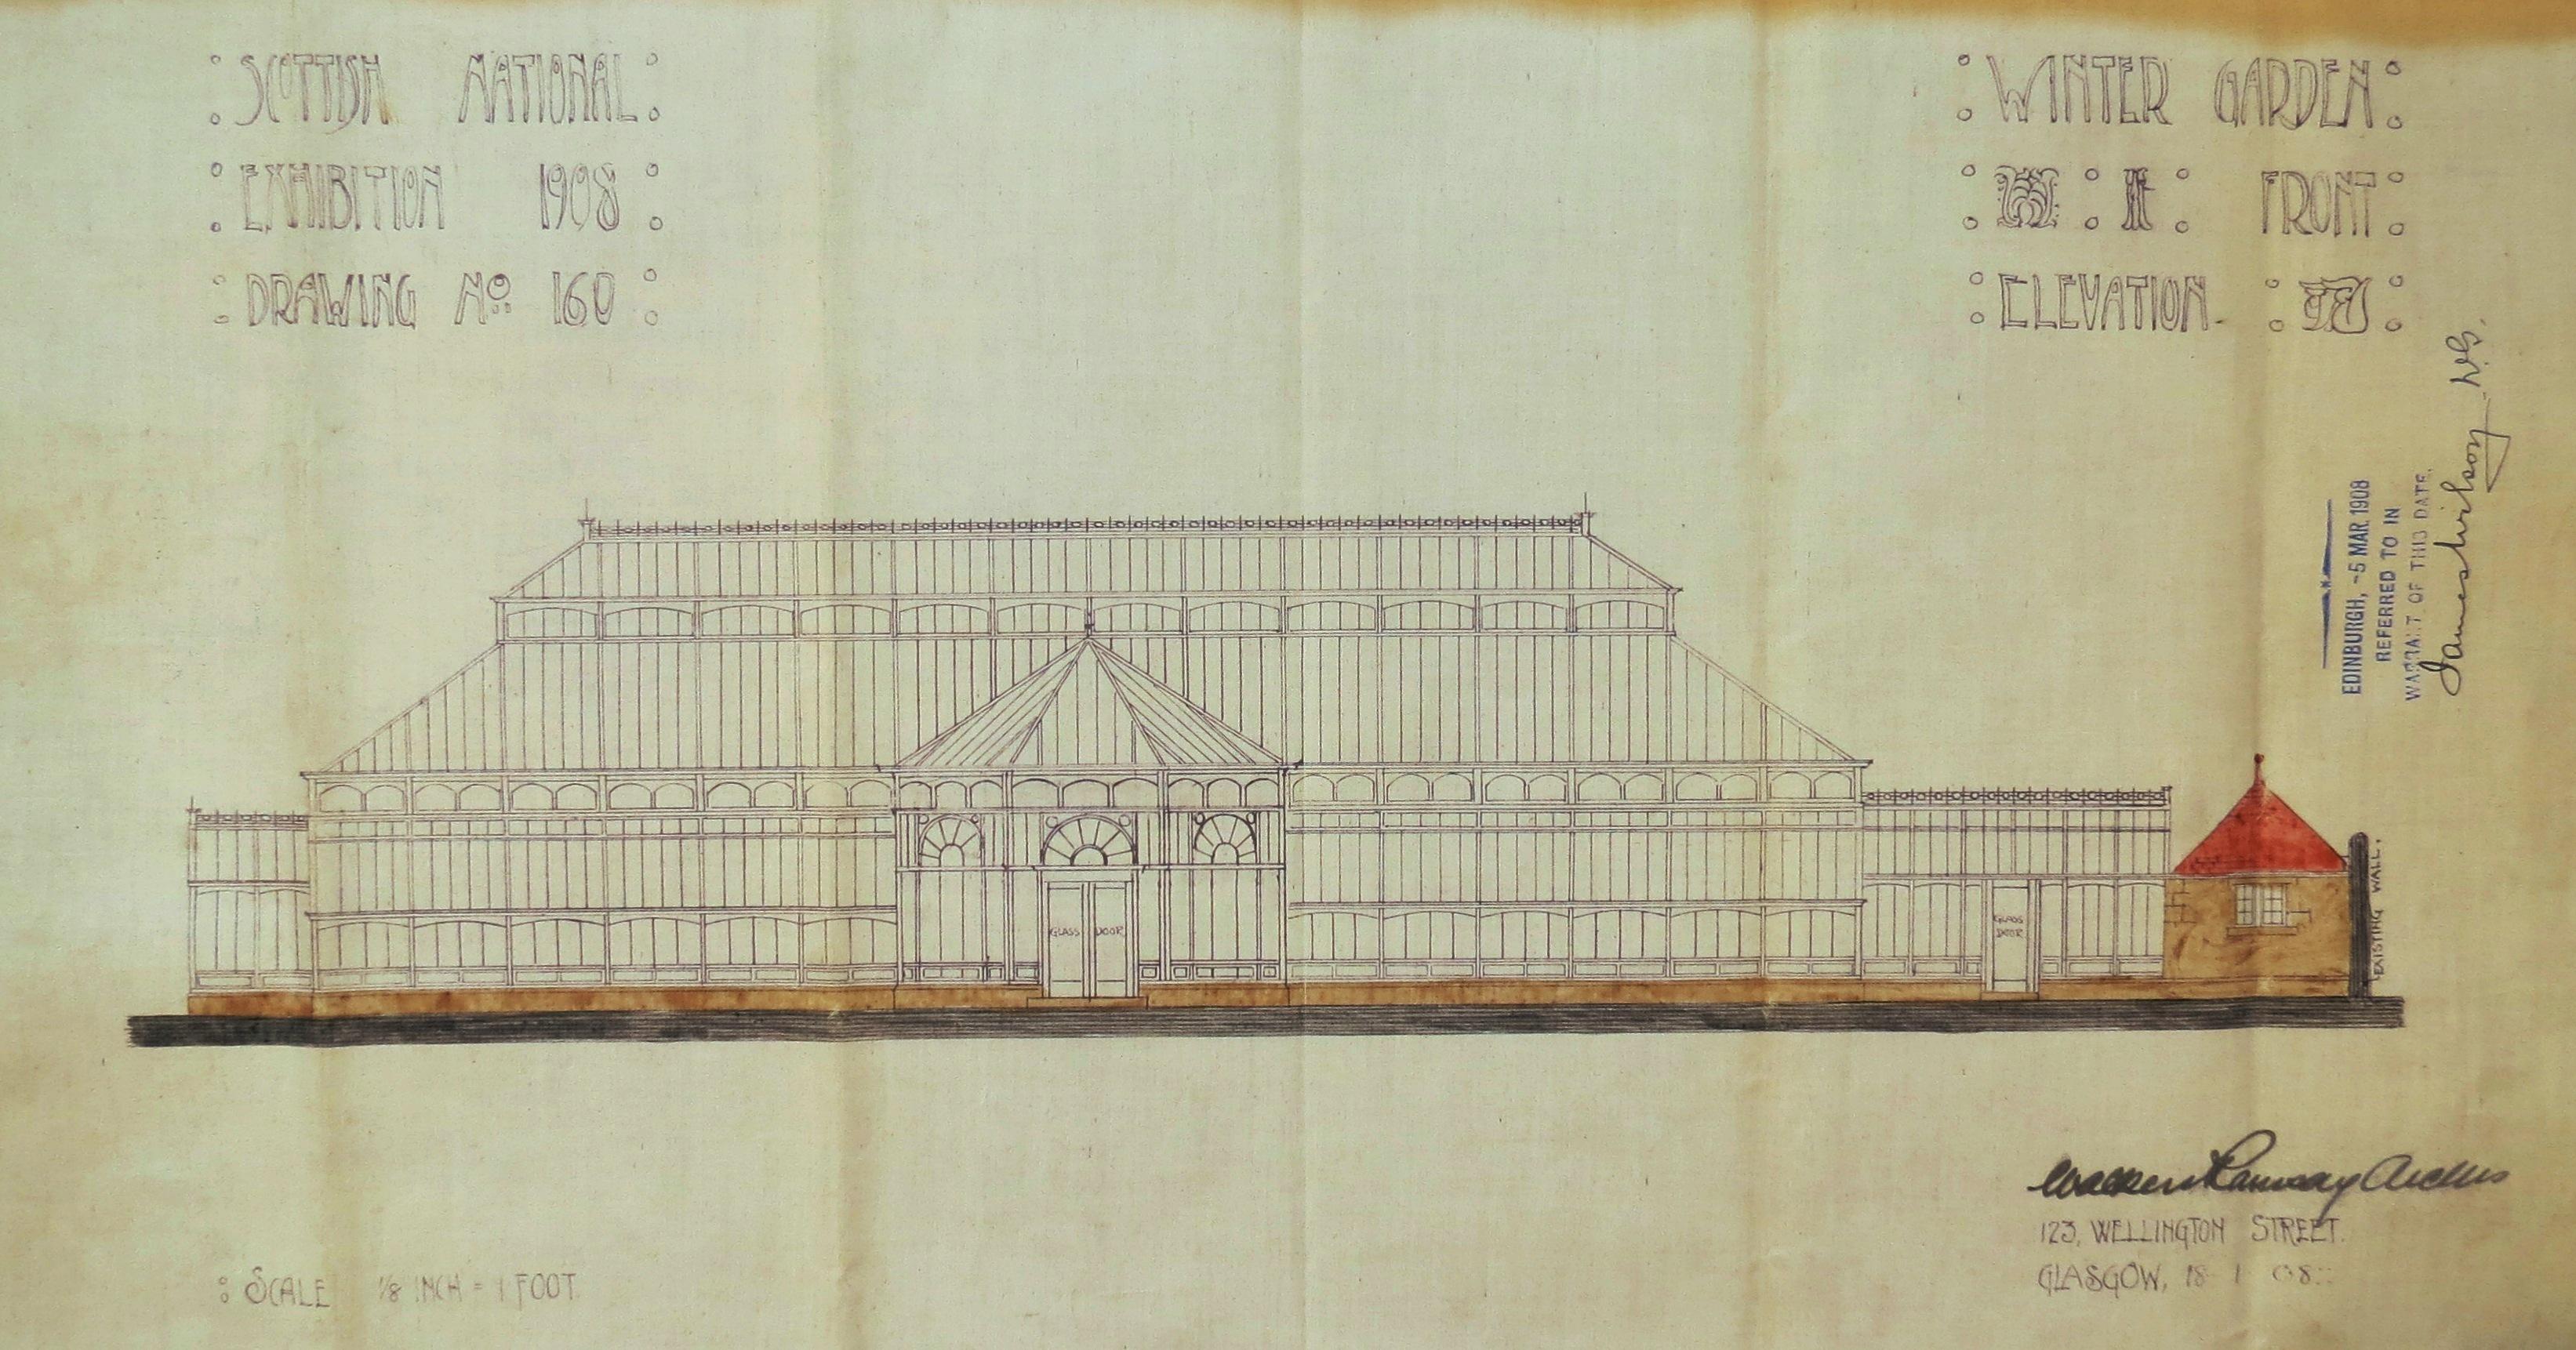 Scottish National Exhibition 1908, Winter Garden front elevation plan